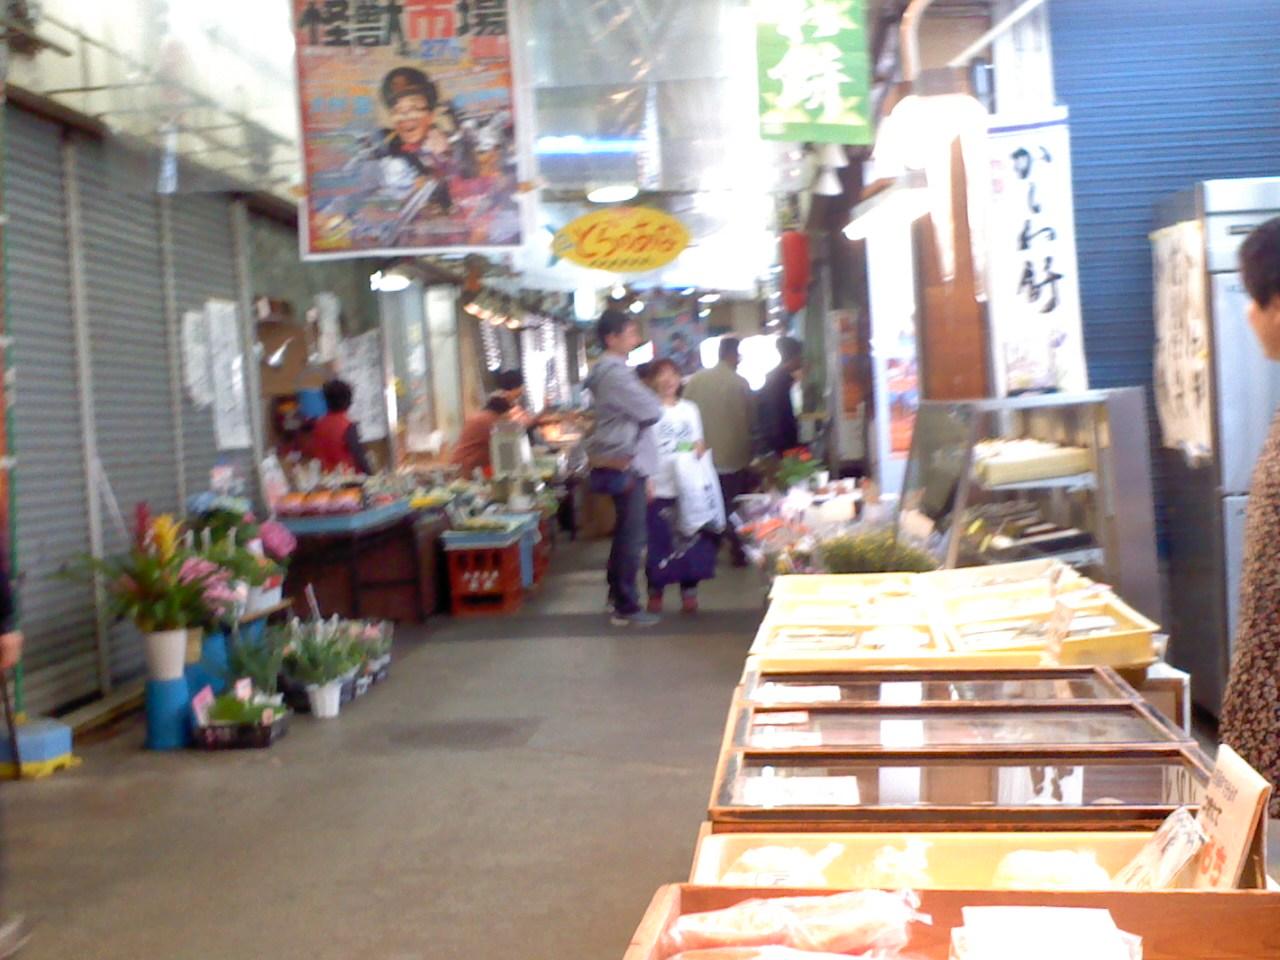 三和市場が驚きの大盛況!_a0196732_1449950.jpg